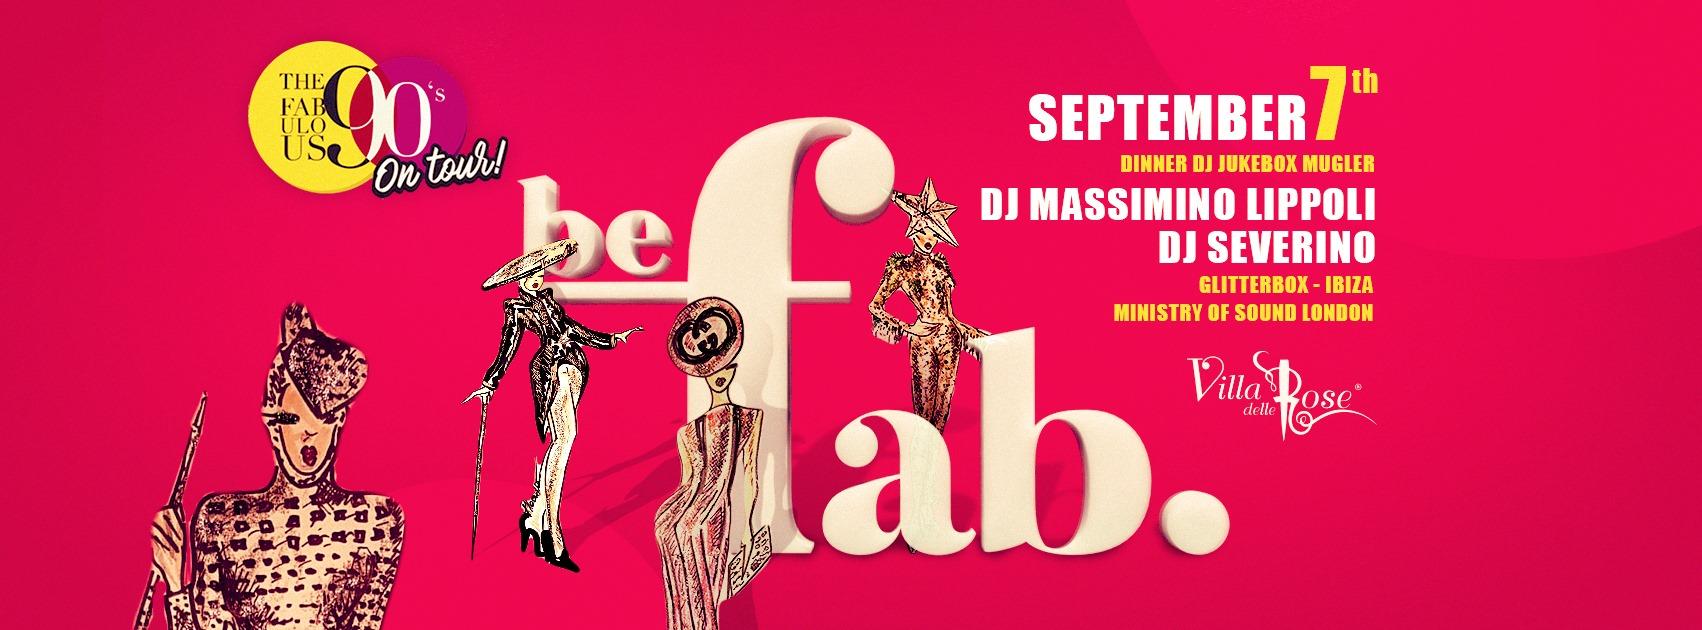 Villa Delle Rose Sabato 07 Settembre 2019 Fabulous 90's – Ticket – Biglietti 18app – Pacchetti Hotel